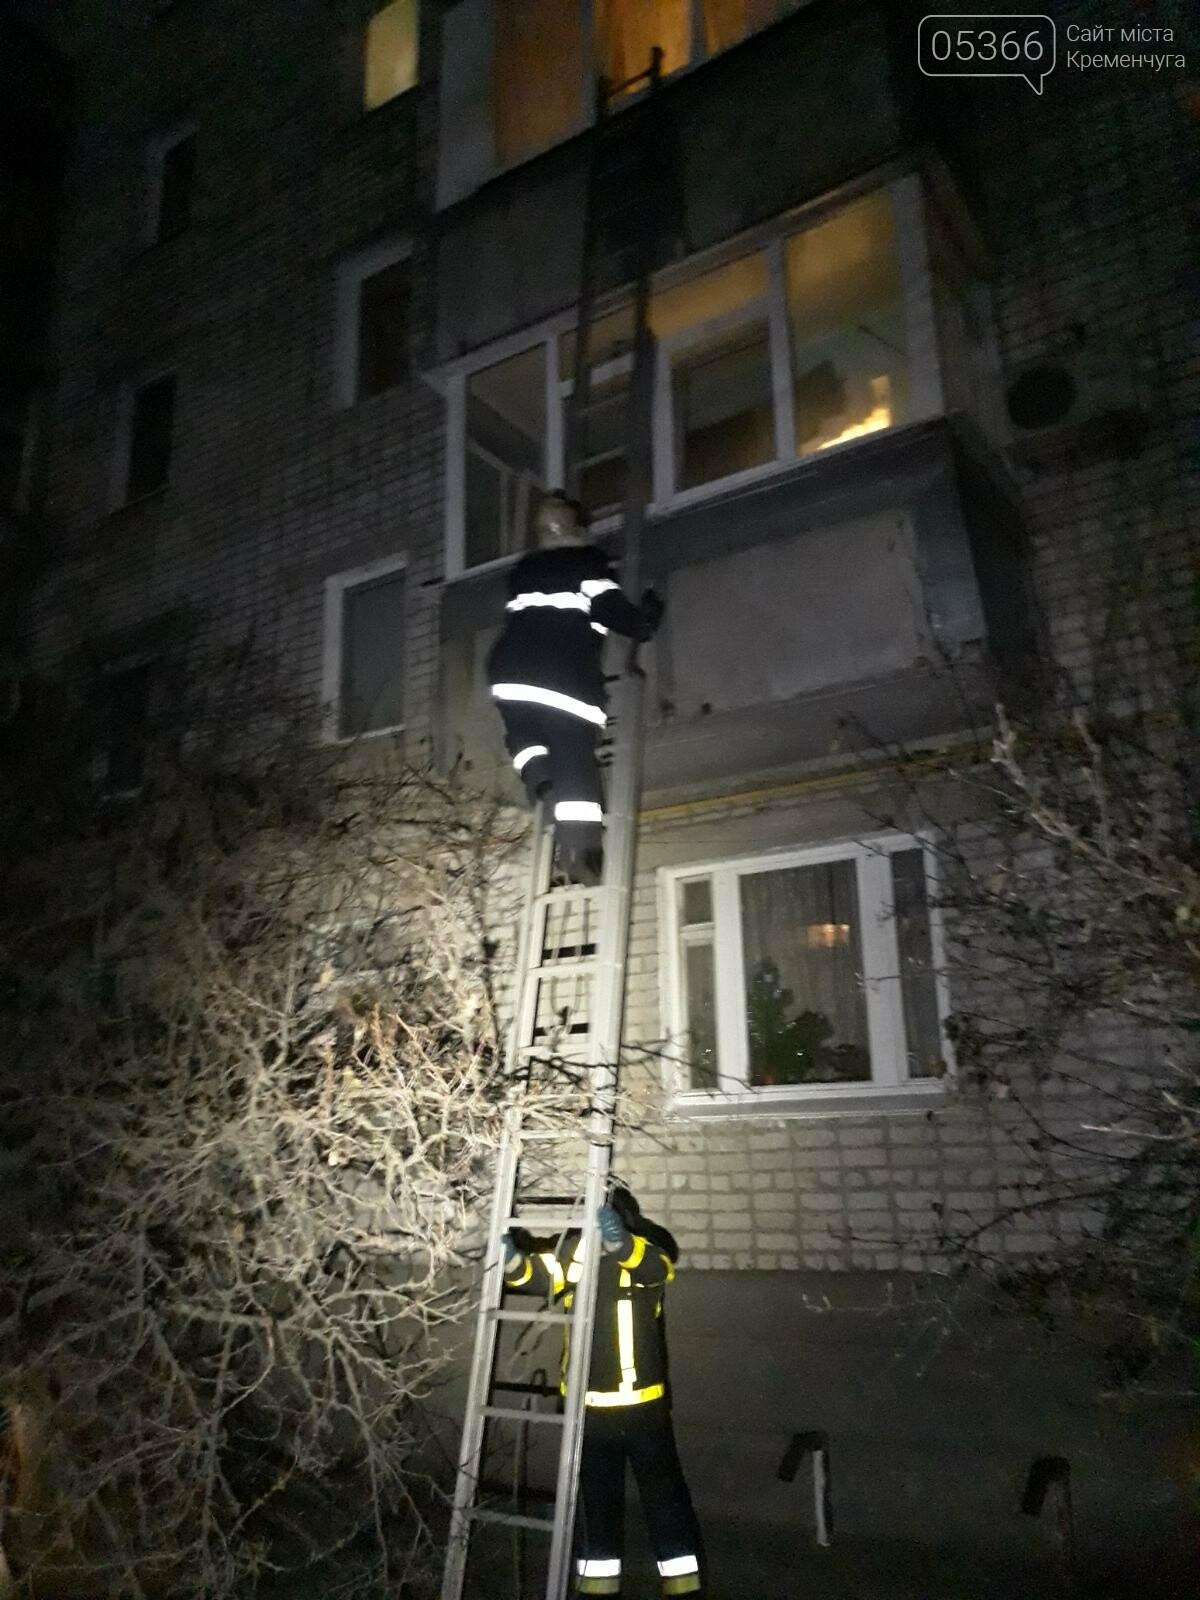 У Кременчуці малолітня дитина зачинилася в квартирі, фото-1